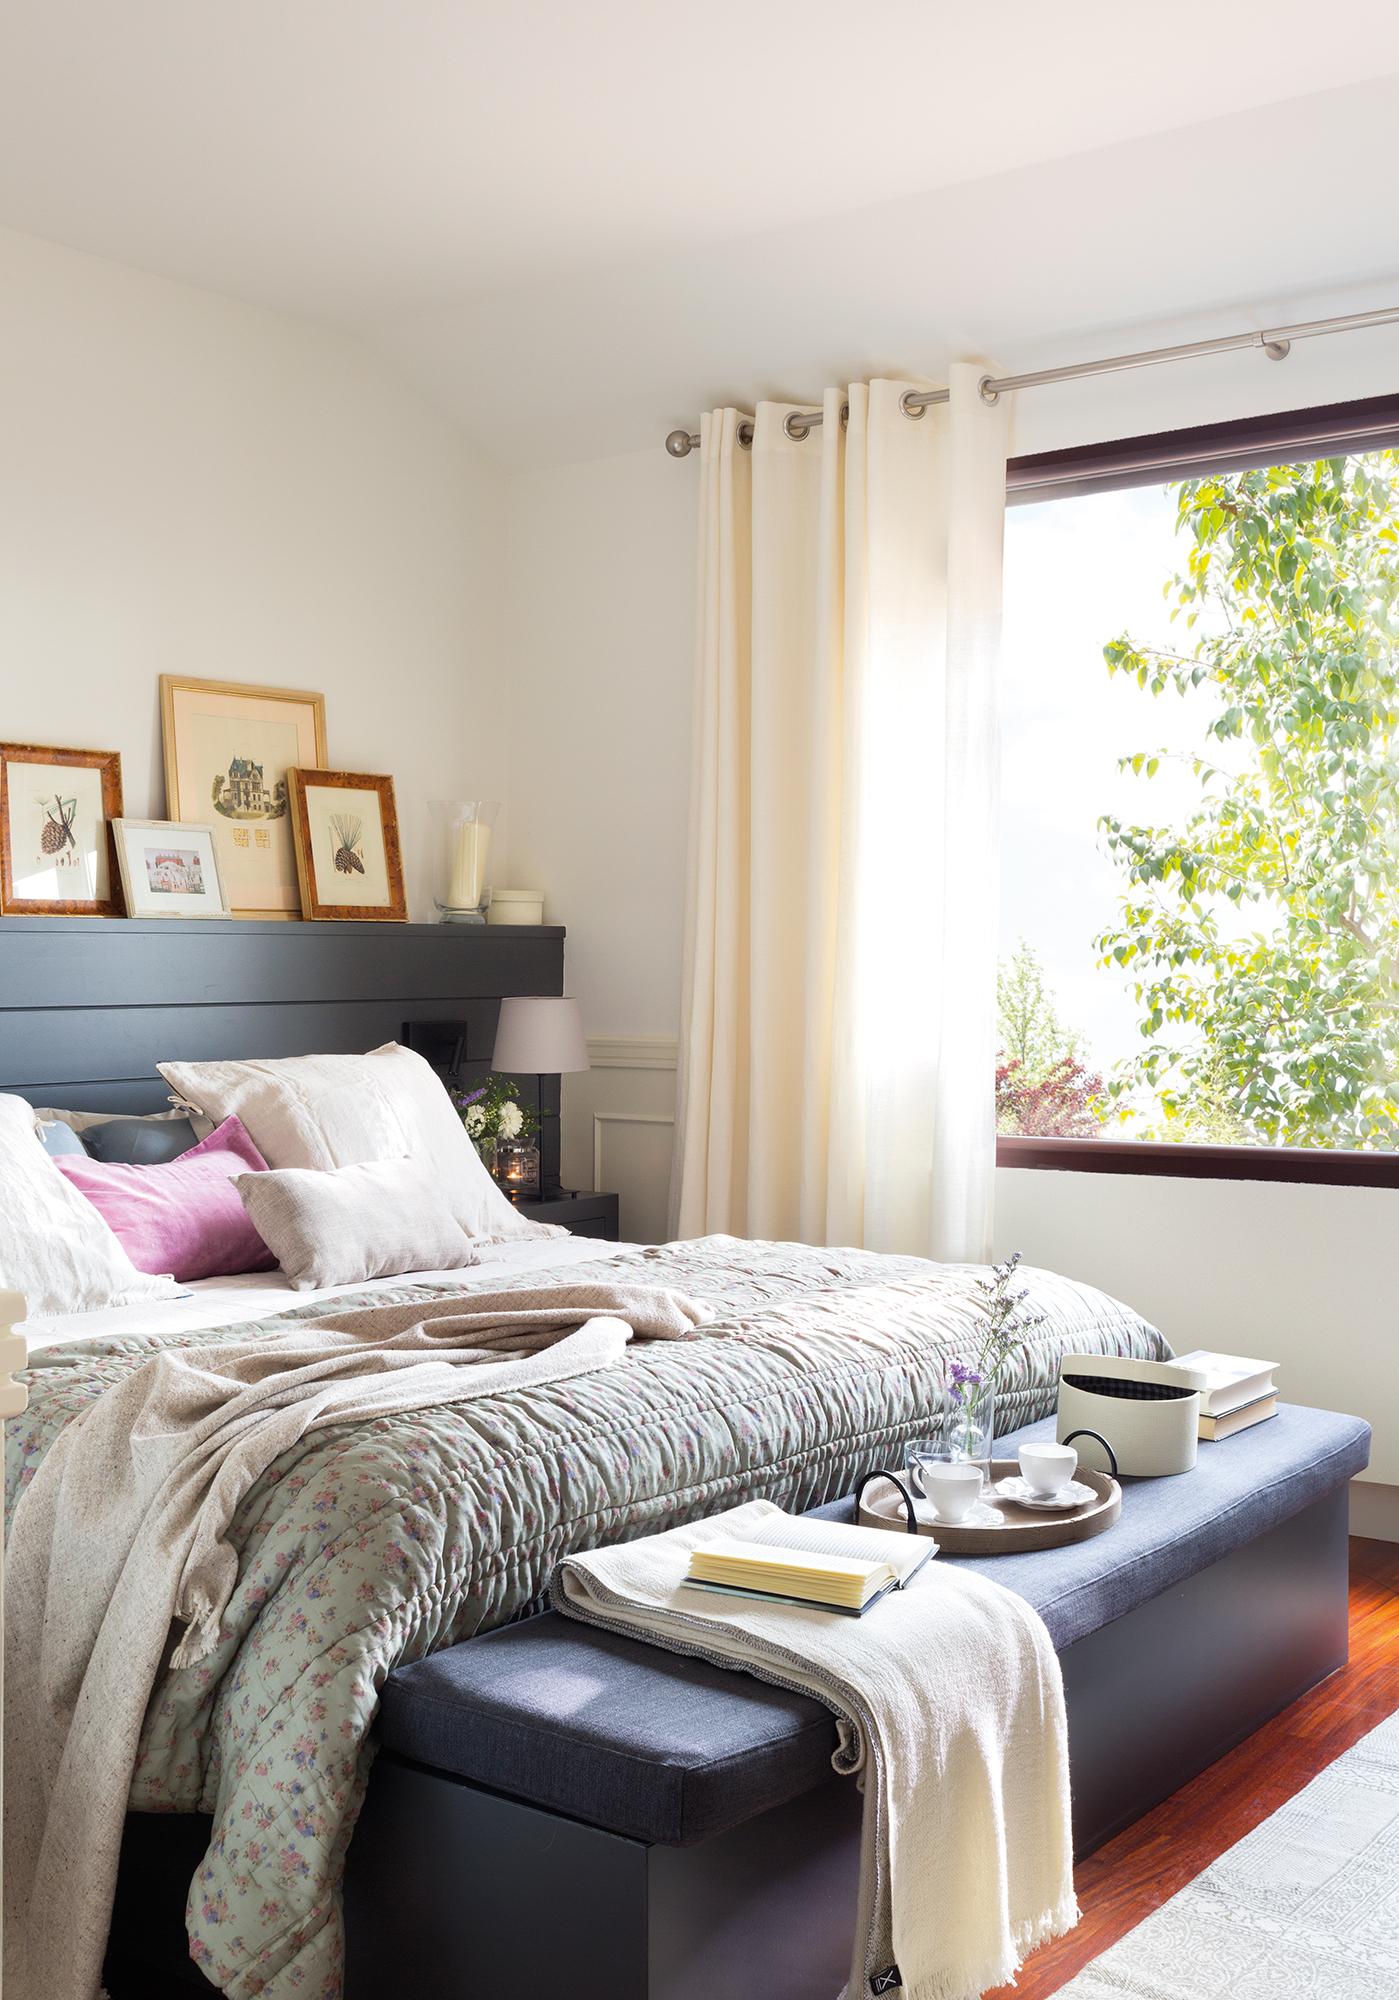 75 fotos de muebles de dormitorio - Dormitorio a medida ...